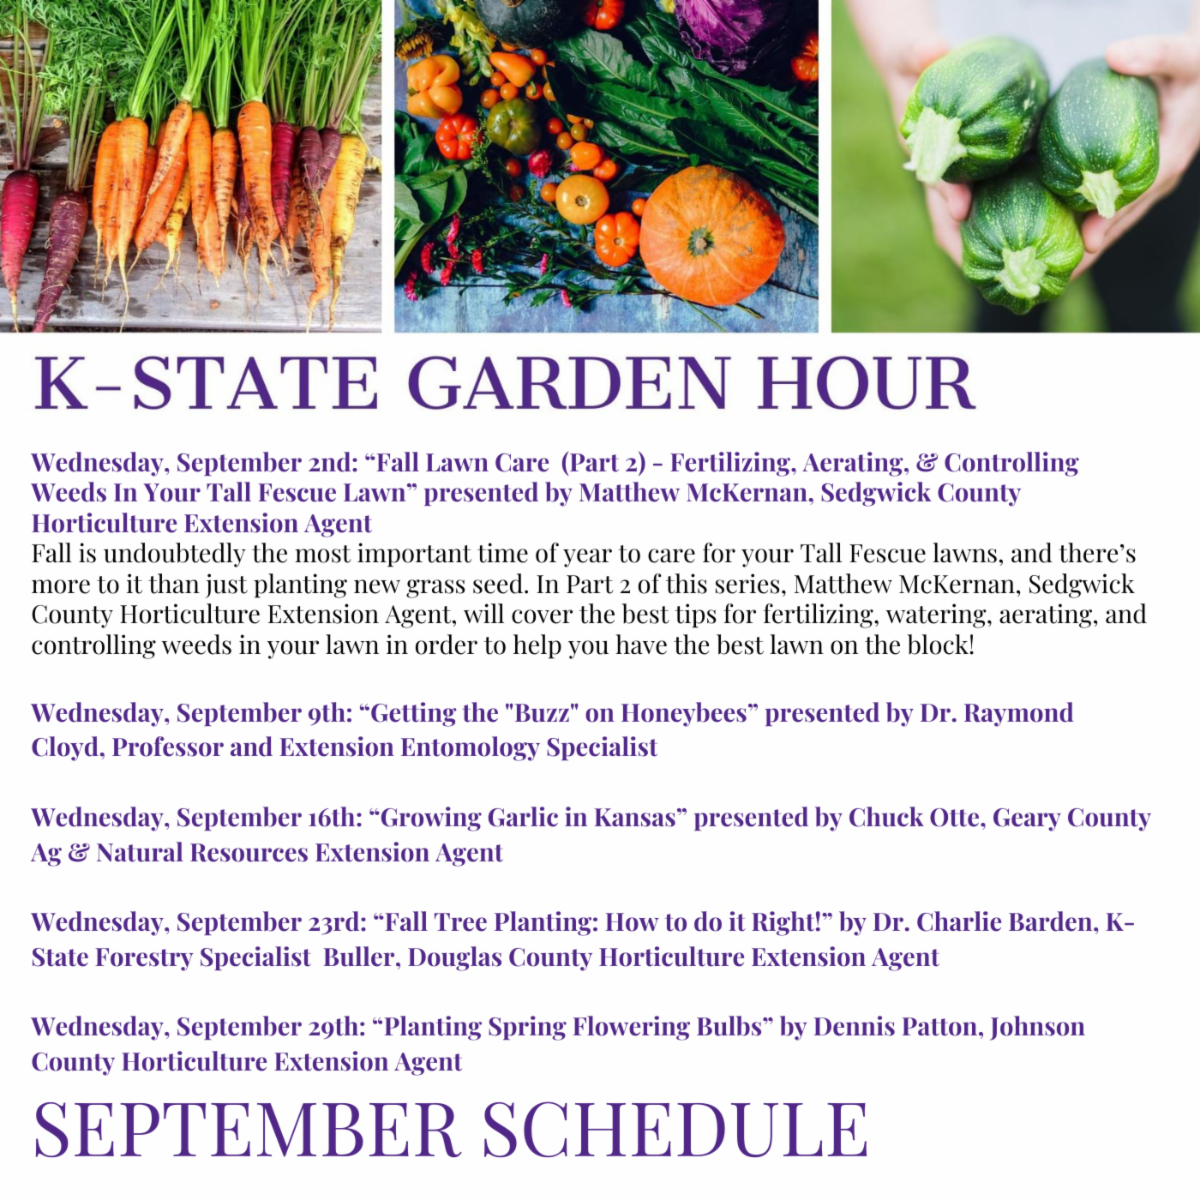 K-State Garden Hour